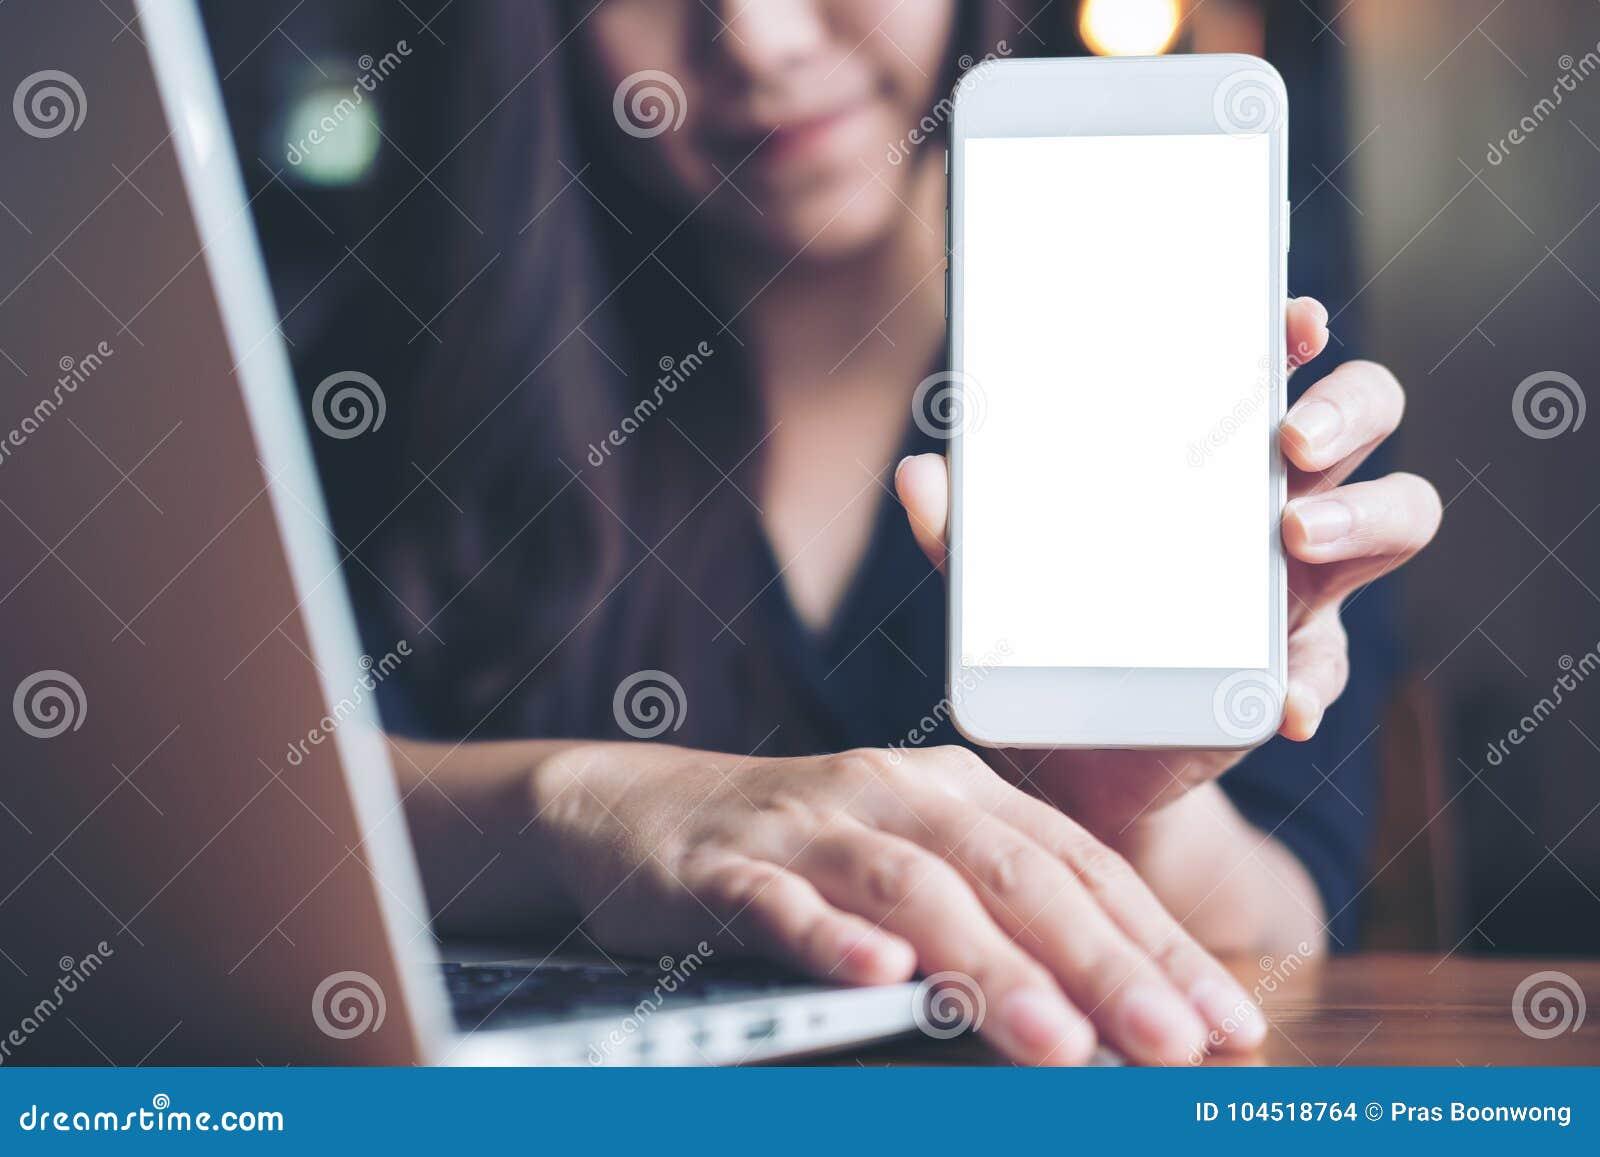 Image de maquette d une belle femme asiatique souriante tenant et montrant le téléphone portable blanc avec l écran noir tout en